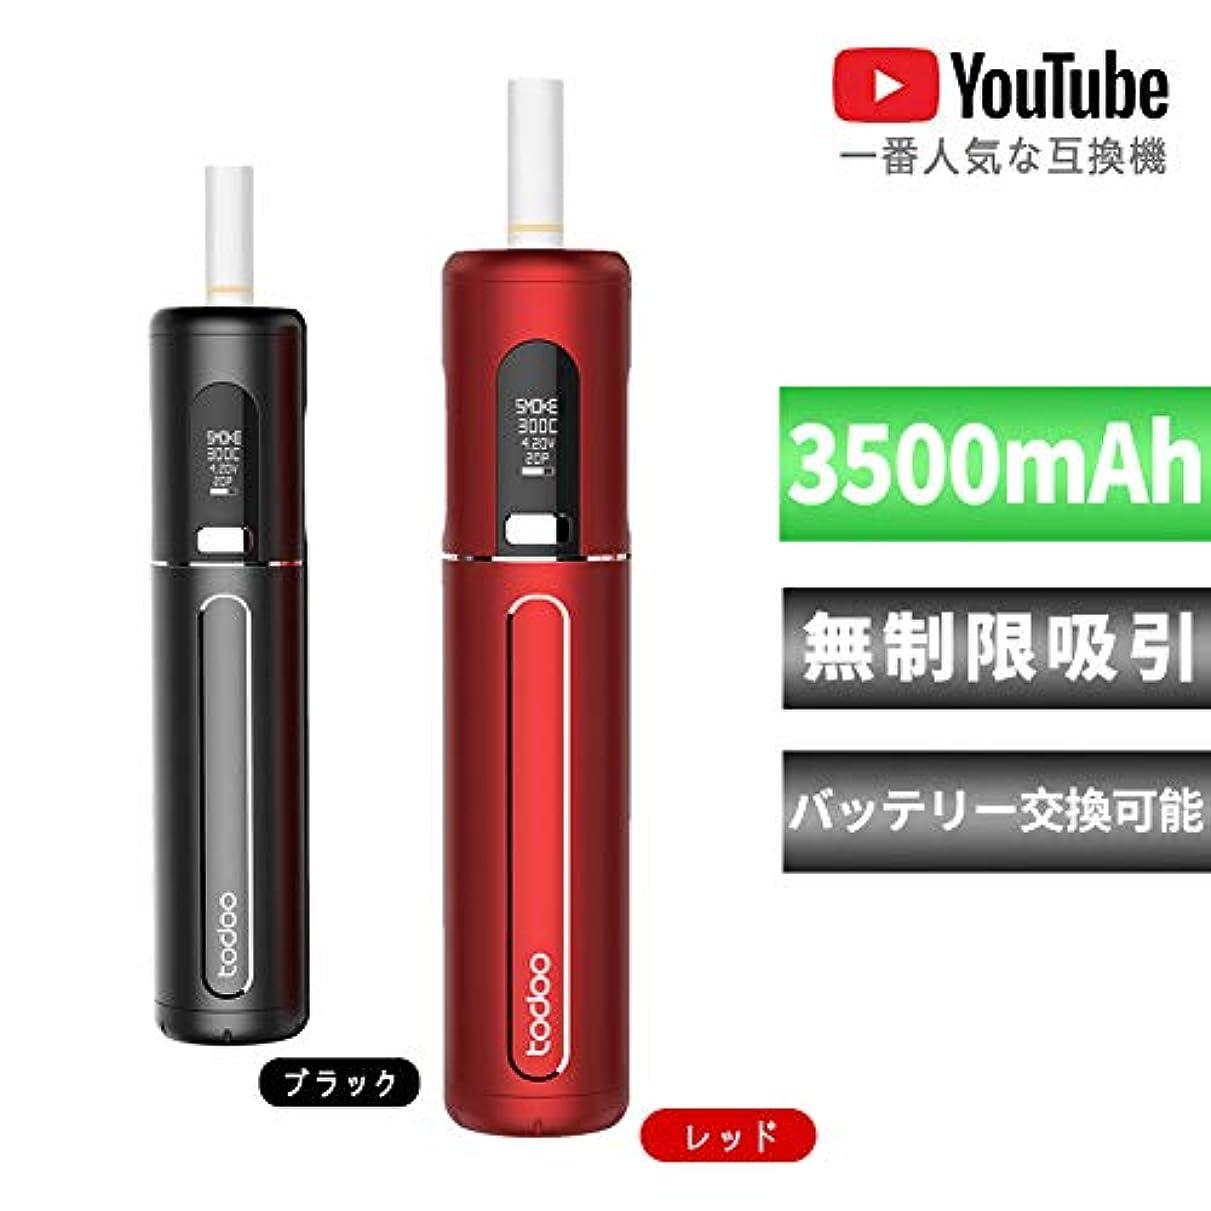 ミット十任命するtodoo アイコス互換機 バッテリー交換式互換機 アルミ製 液晶ディスプレ表示 3500mAh電池付 連続28本 赤